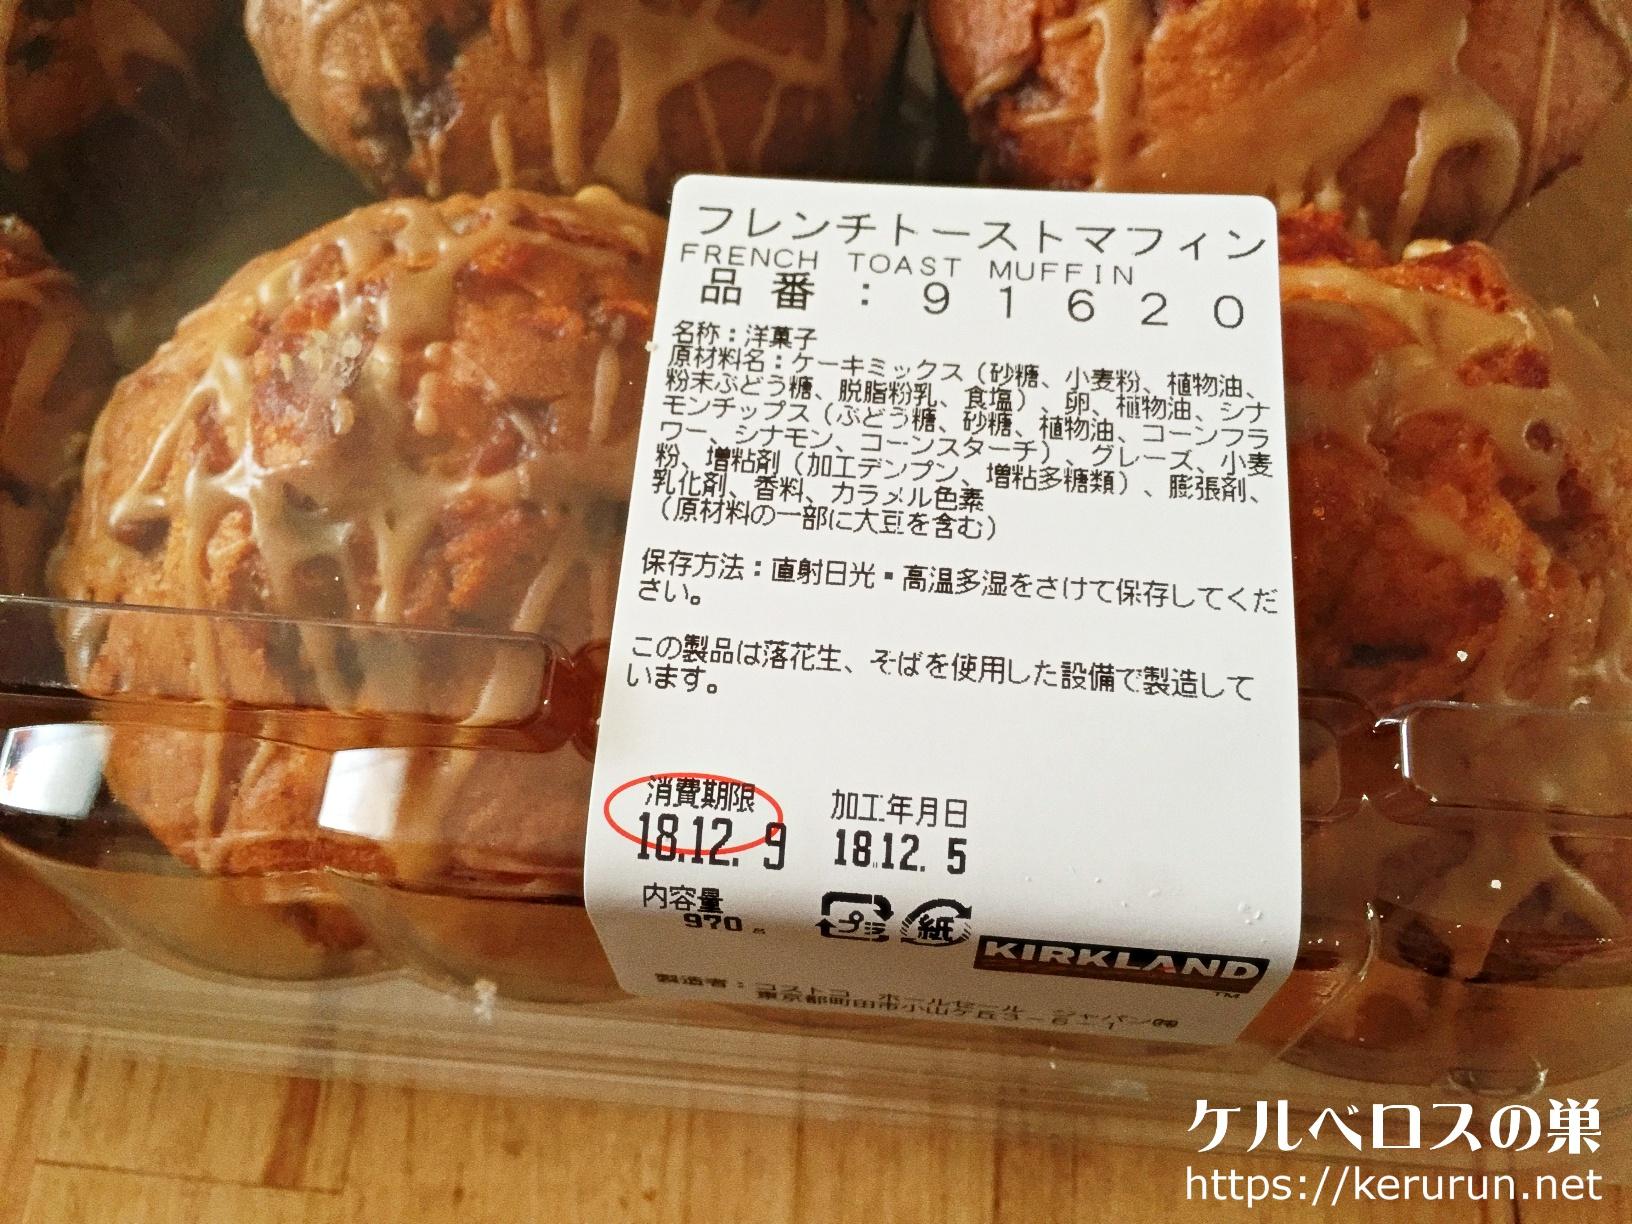 【コストコ】フレンチトーストマフィン